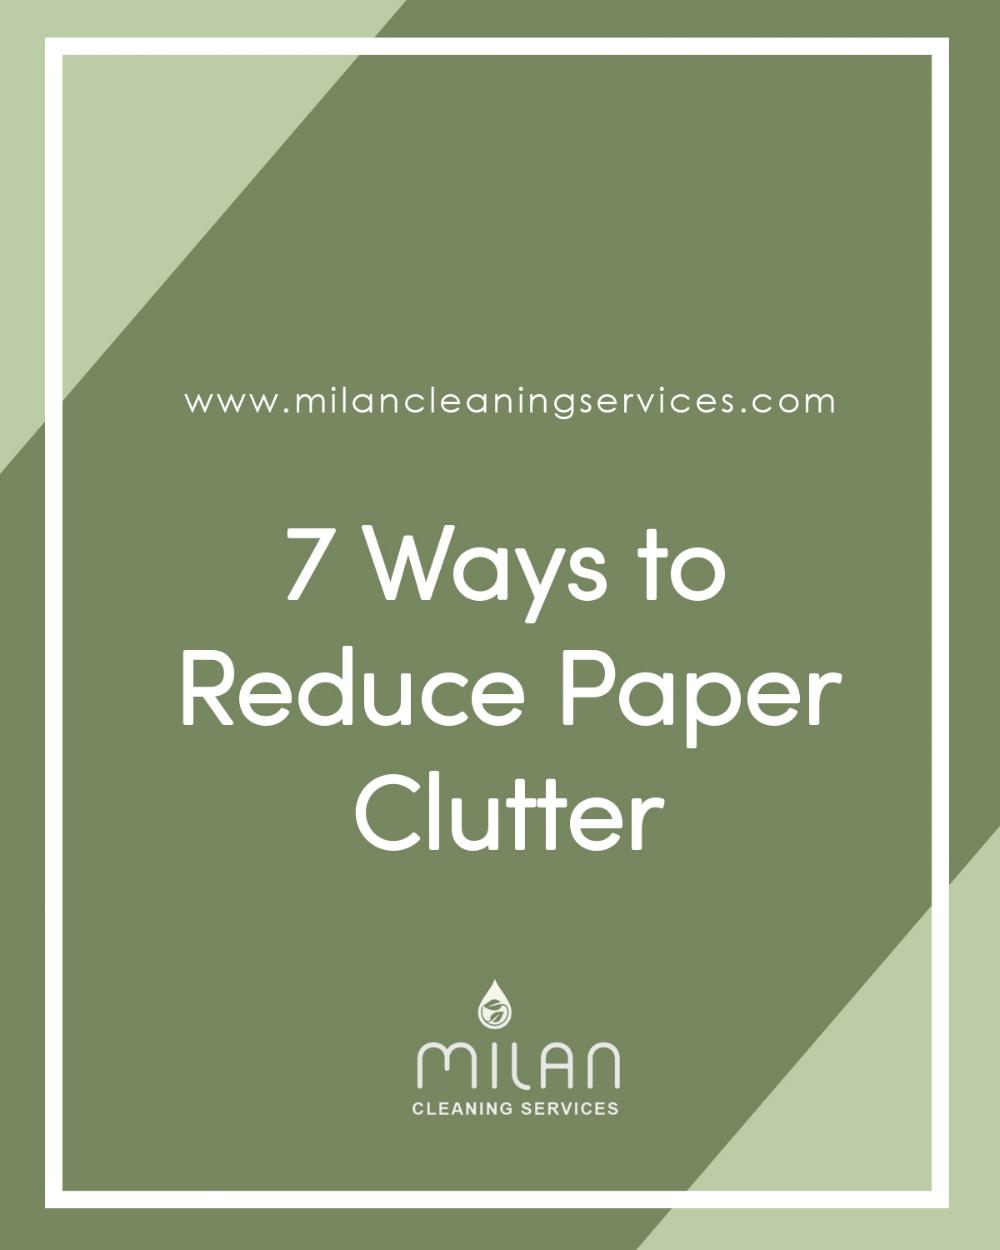 paperclutter.jpg